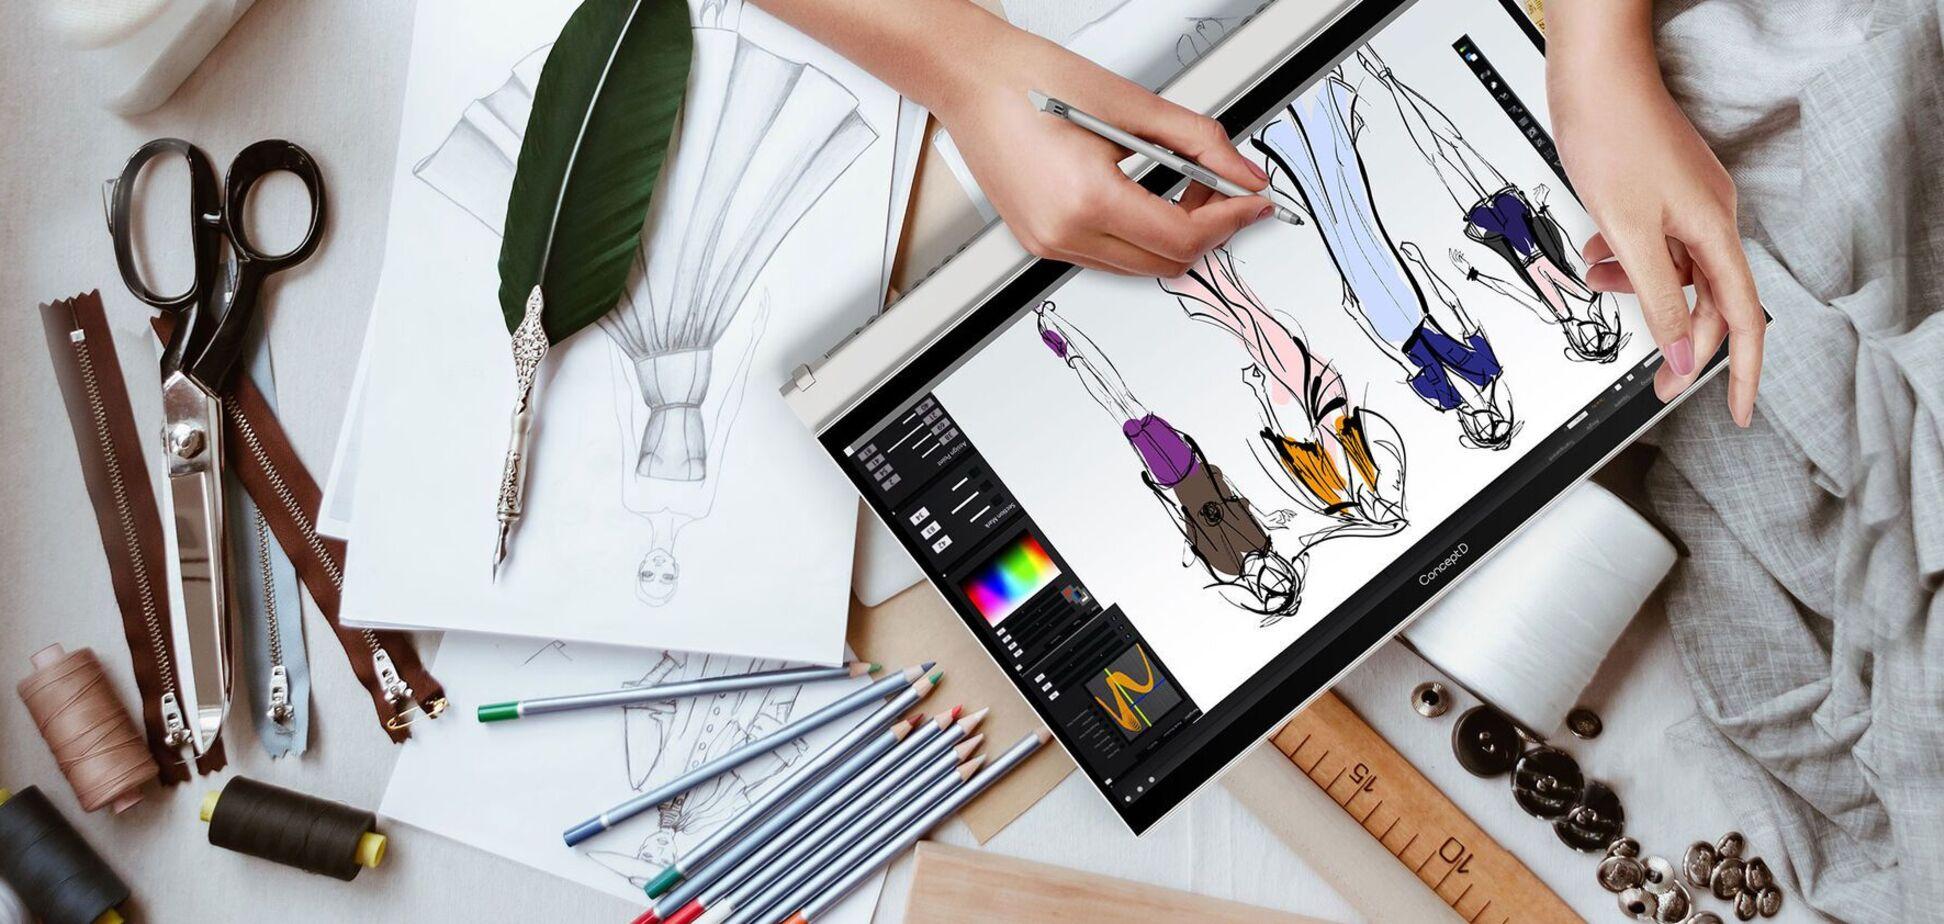 Устройства ConceptD 3 разработаны для эффективного использования специалистами в области графического дизайна